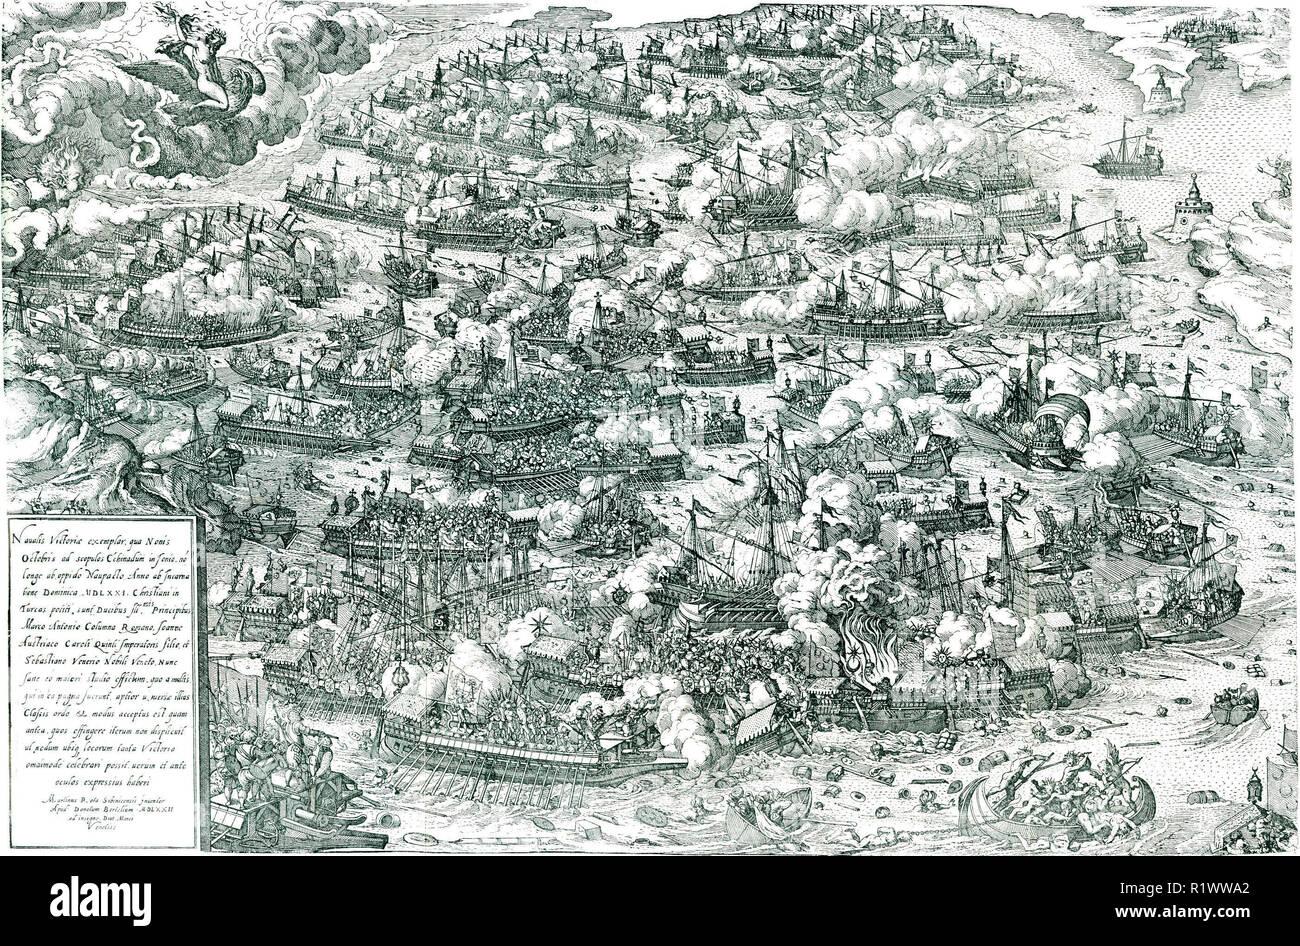 La batalla de Lepanto, grabado por Martin Rota, 1572. La batalla de Lepanto fue un compromiso naval que tuvo lugar el 7 de octubre de 1571 cuando una flota de la Liga Santa, encabezada por la República de Venecia y el Imperio Español, infligió una gran derrota en la flota del Imperio Otomano, en el golfo de Patras. Foto de stock